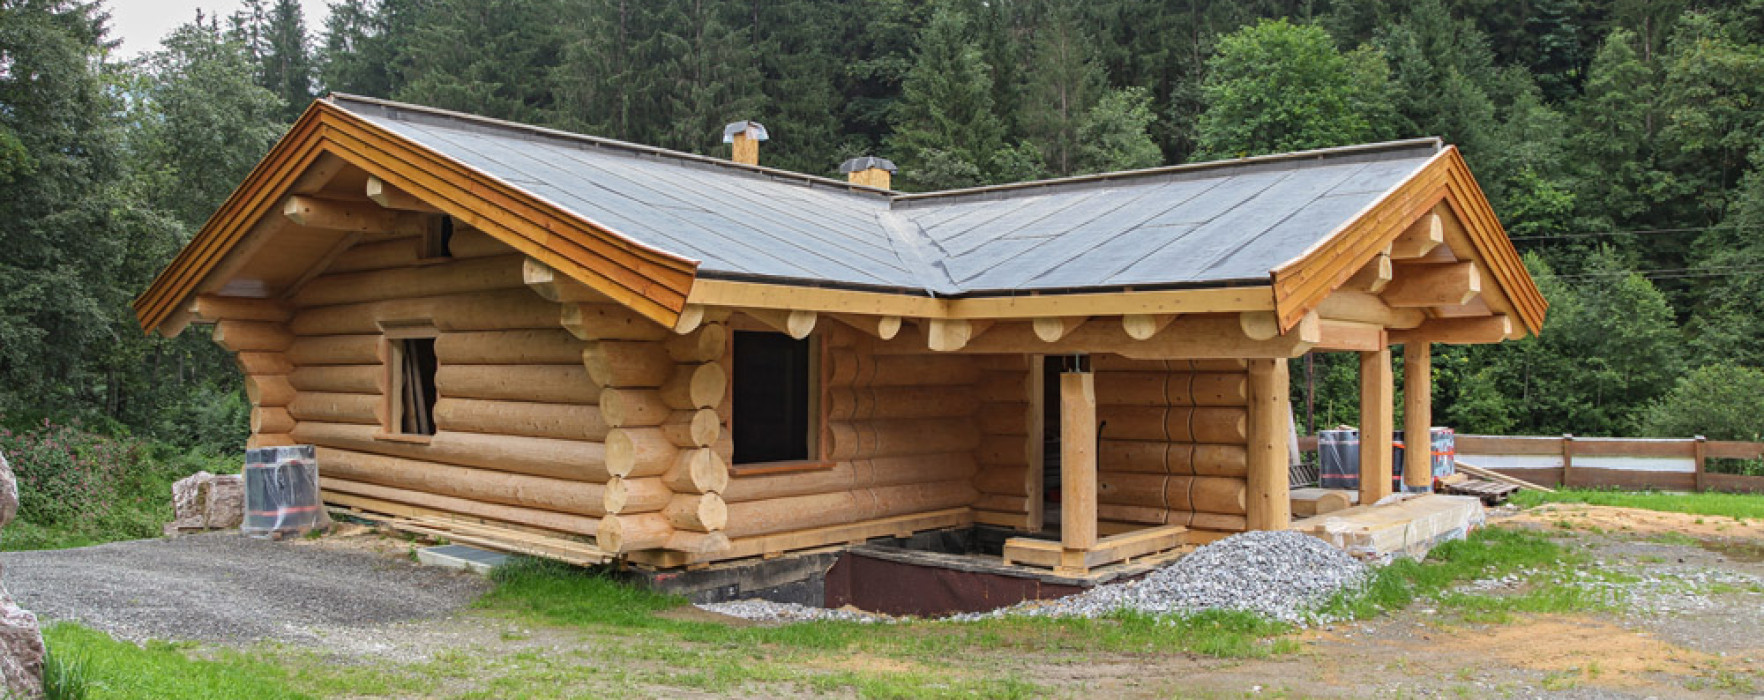 Permessi ed autorizzazioni per edifici e casette blockhaus for Case di legno confronta prezzi